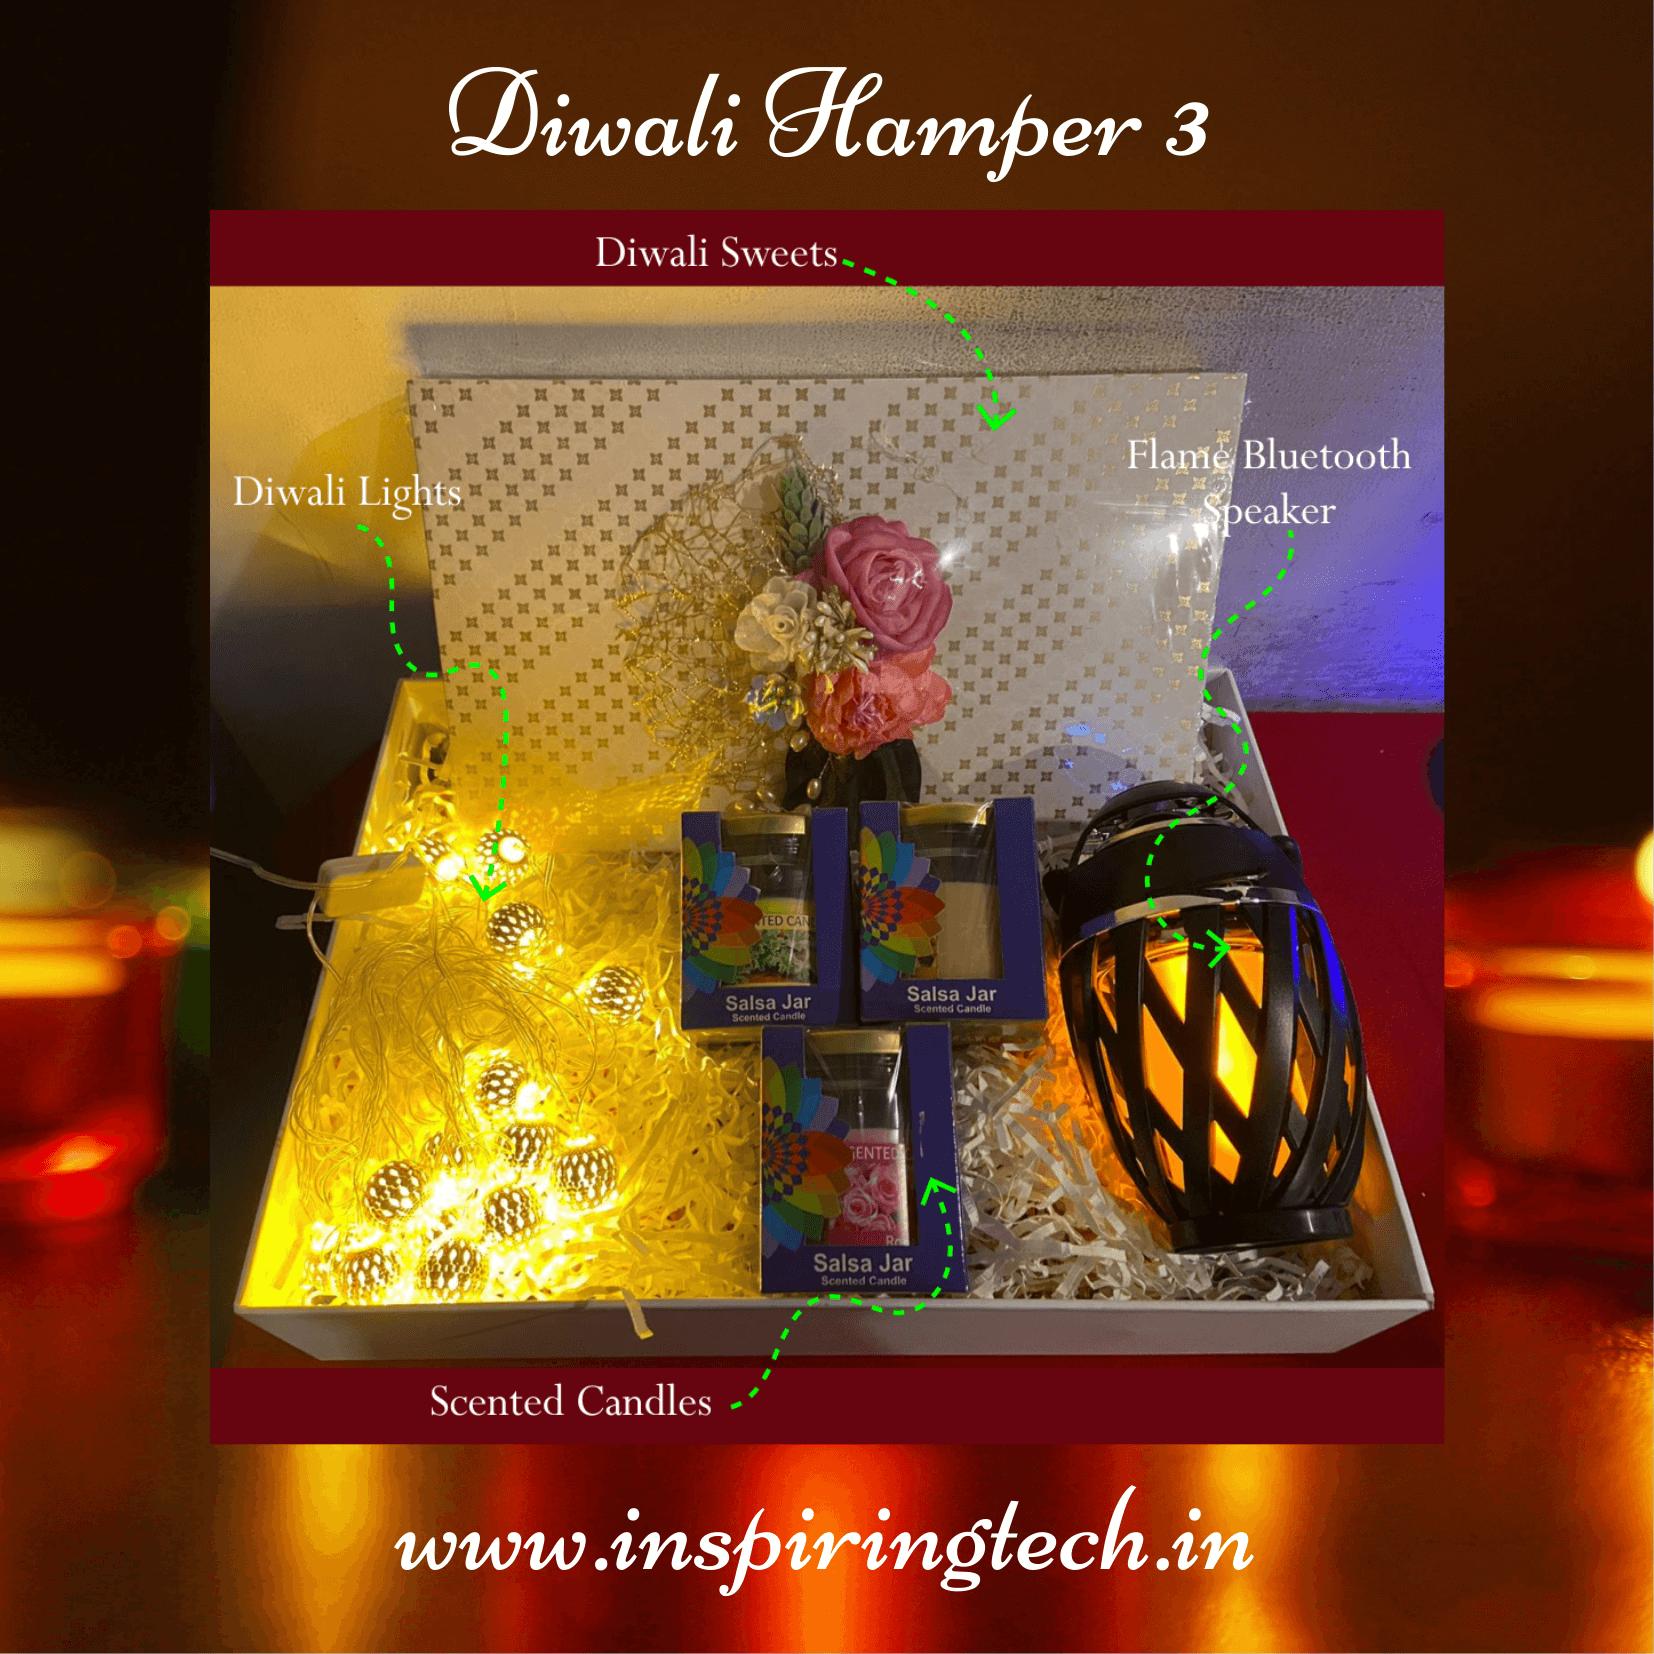 Diwali-Hamper-3